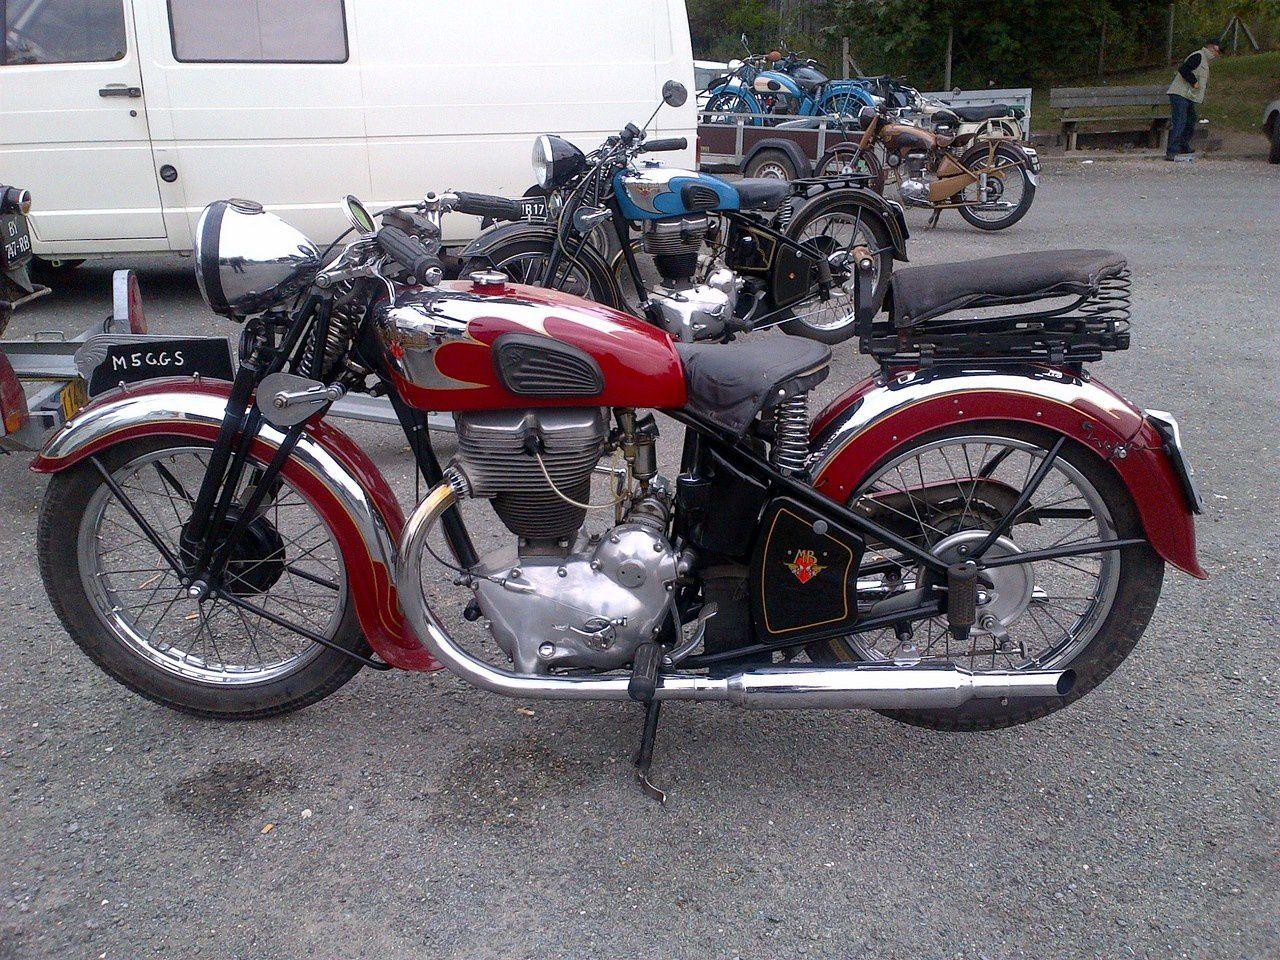 Balade des vieilles motos du Périgord - La Chapelle Gonaguet - Août 2013